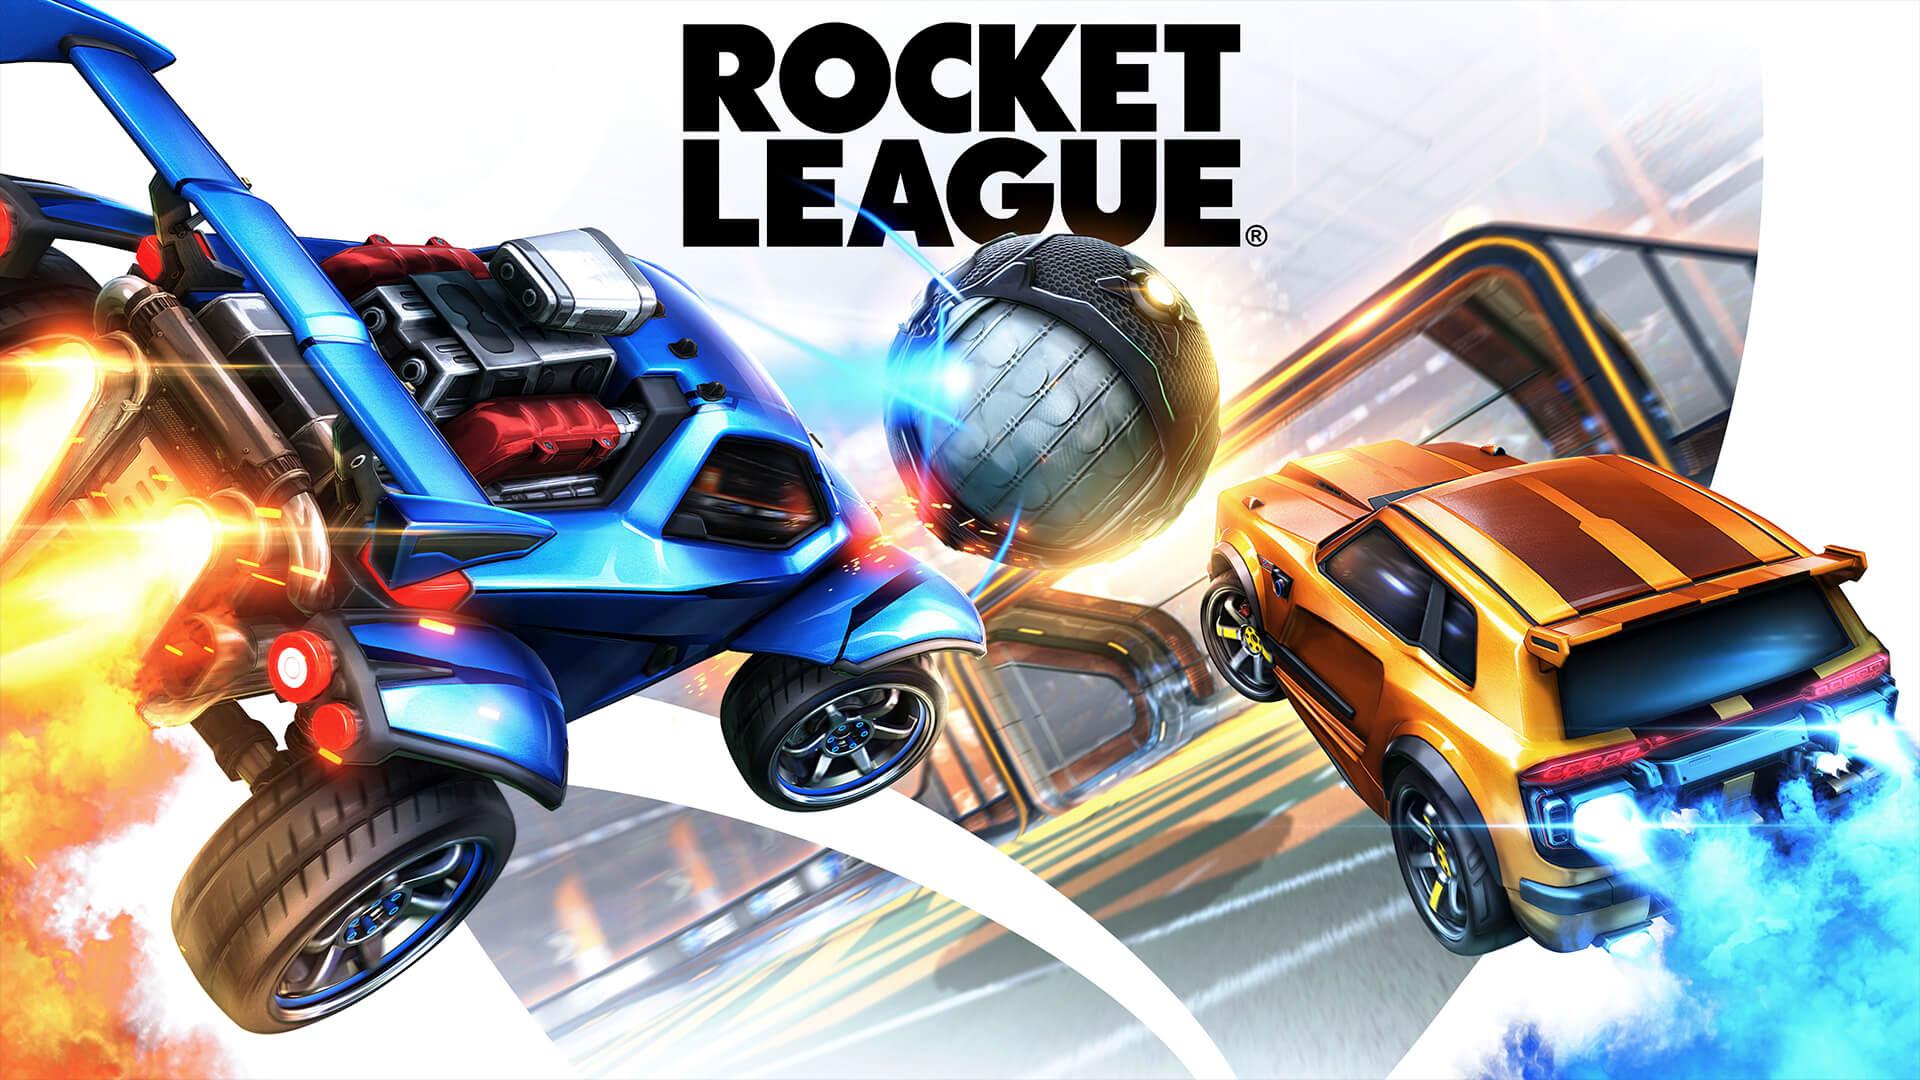 Rocket League (PC/XBOX One/PS4/Switch) GRATIS. Im Epic Store 10 Euro Gutschein für Store und Ingame Goodies bis 23. Oktober sichern.